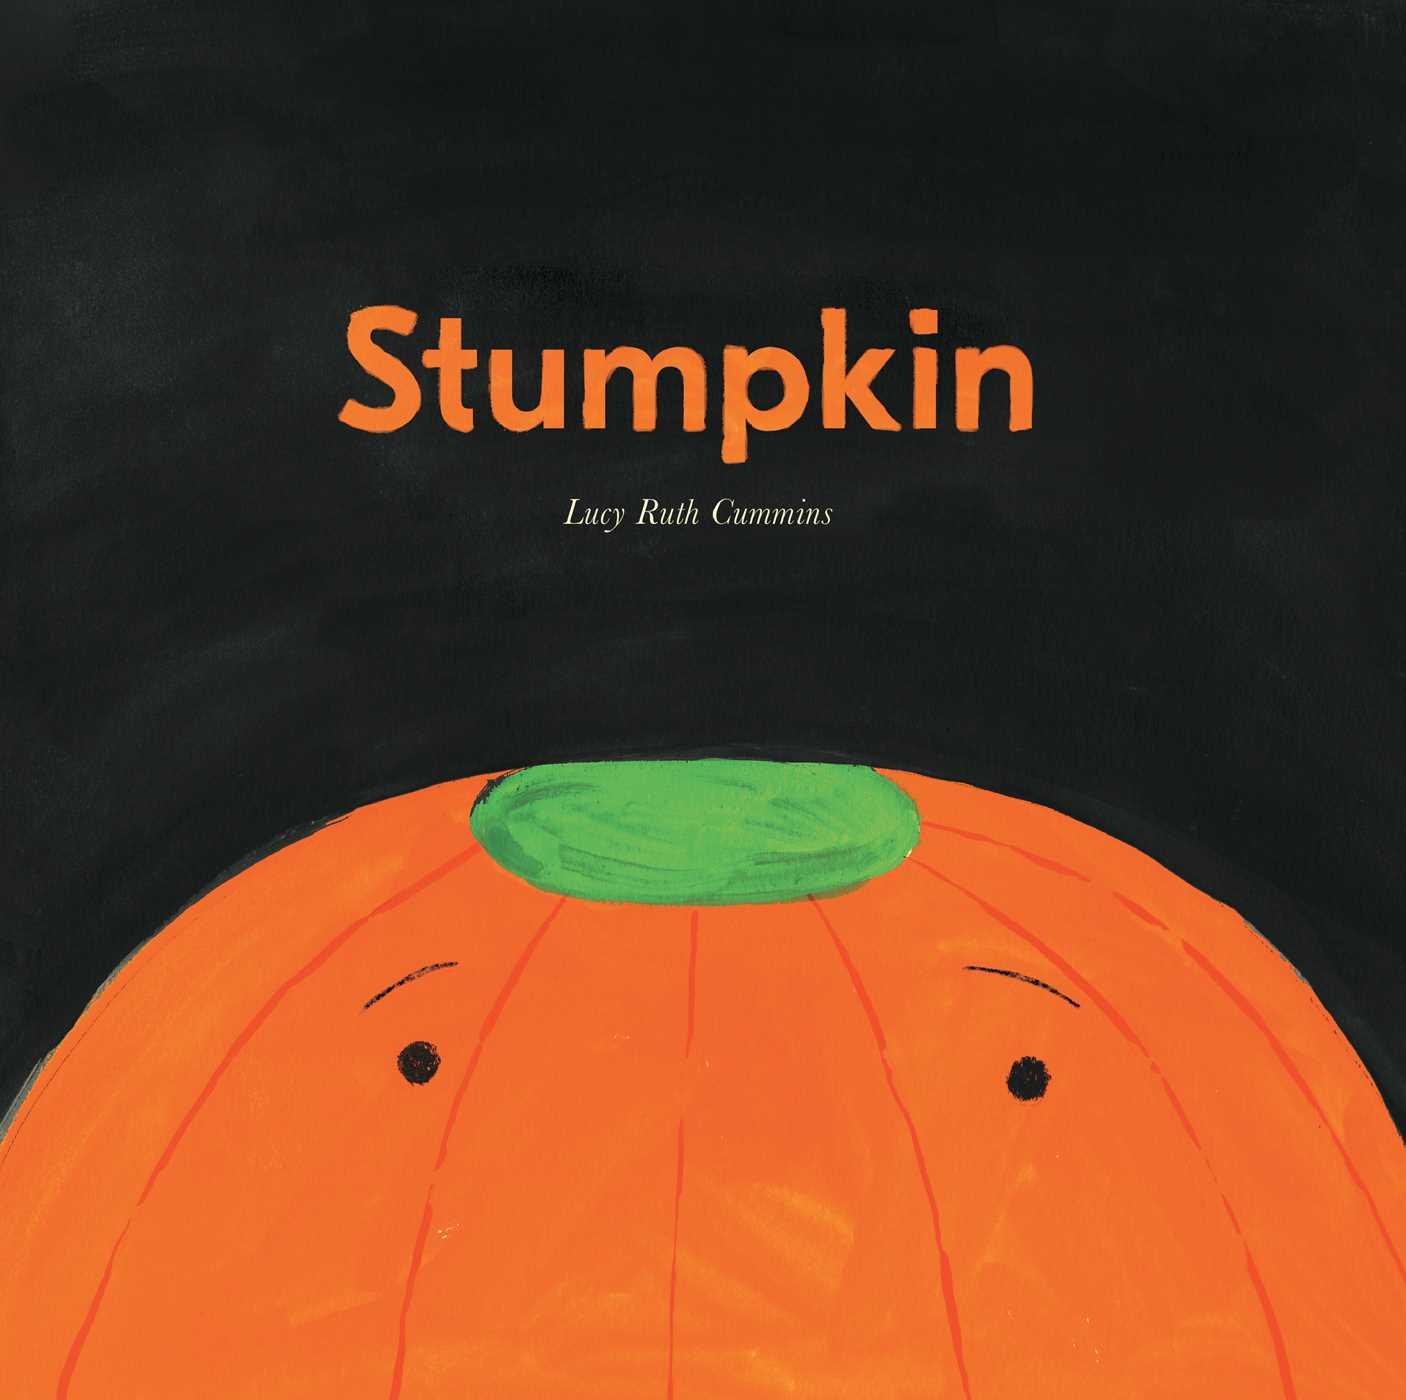 Stumpkin 9781534413627 hr